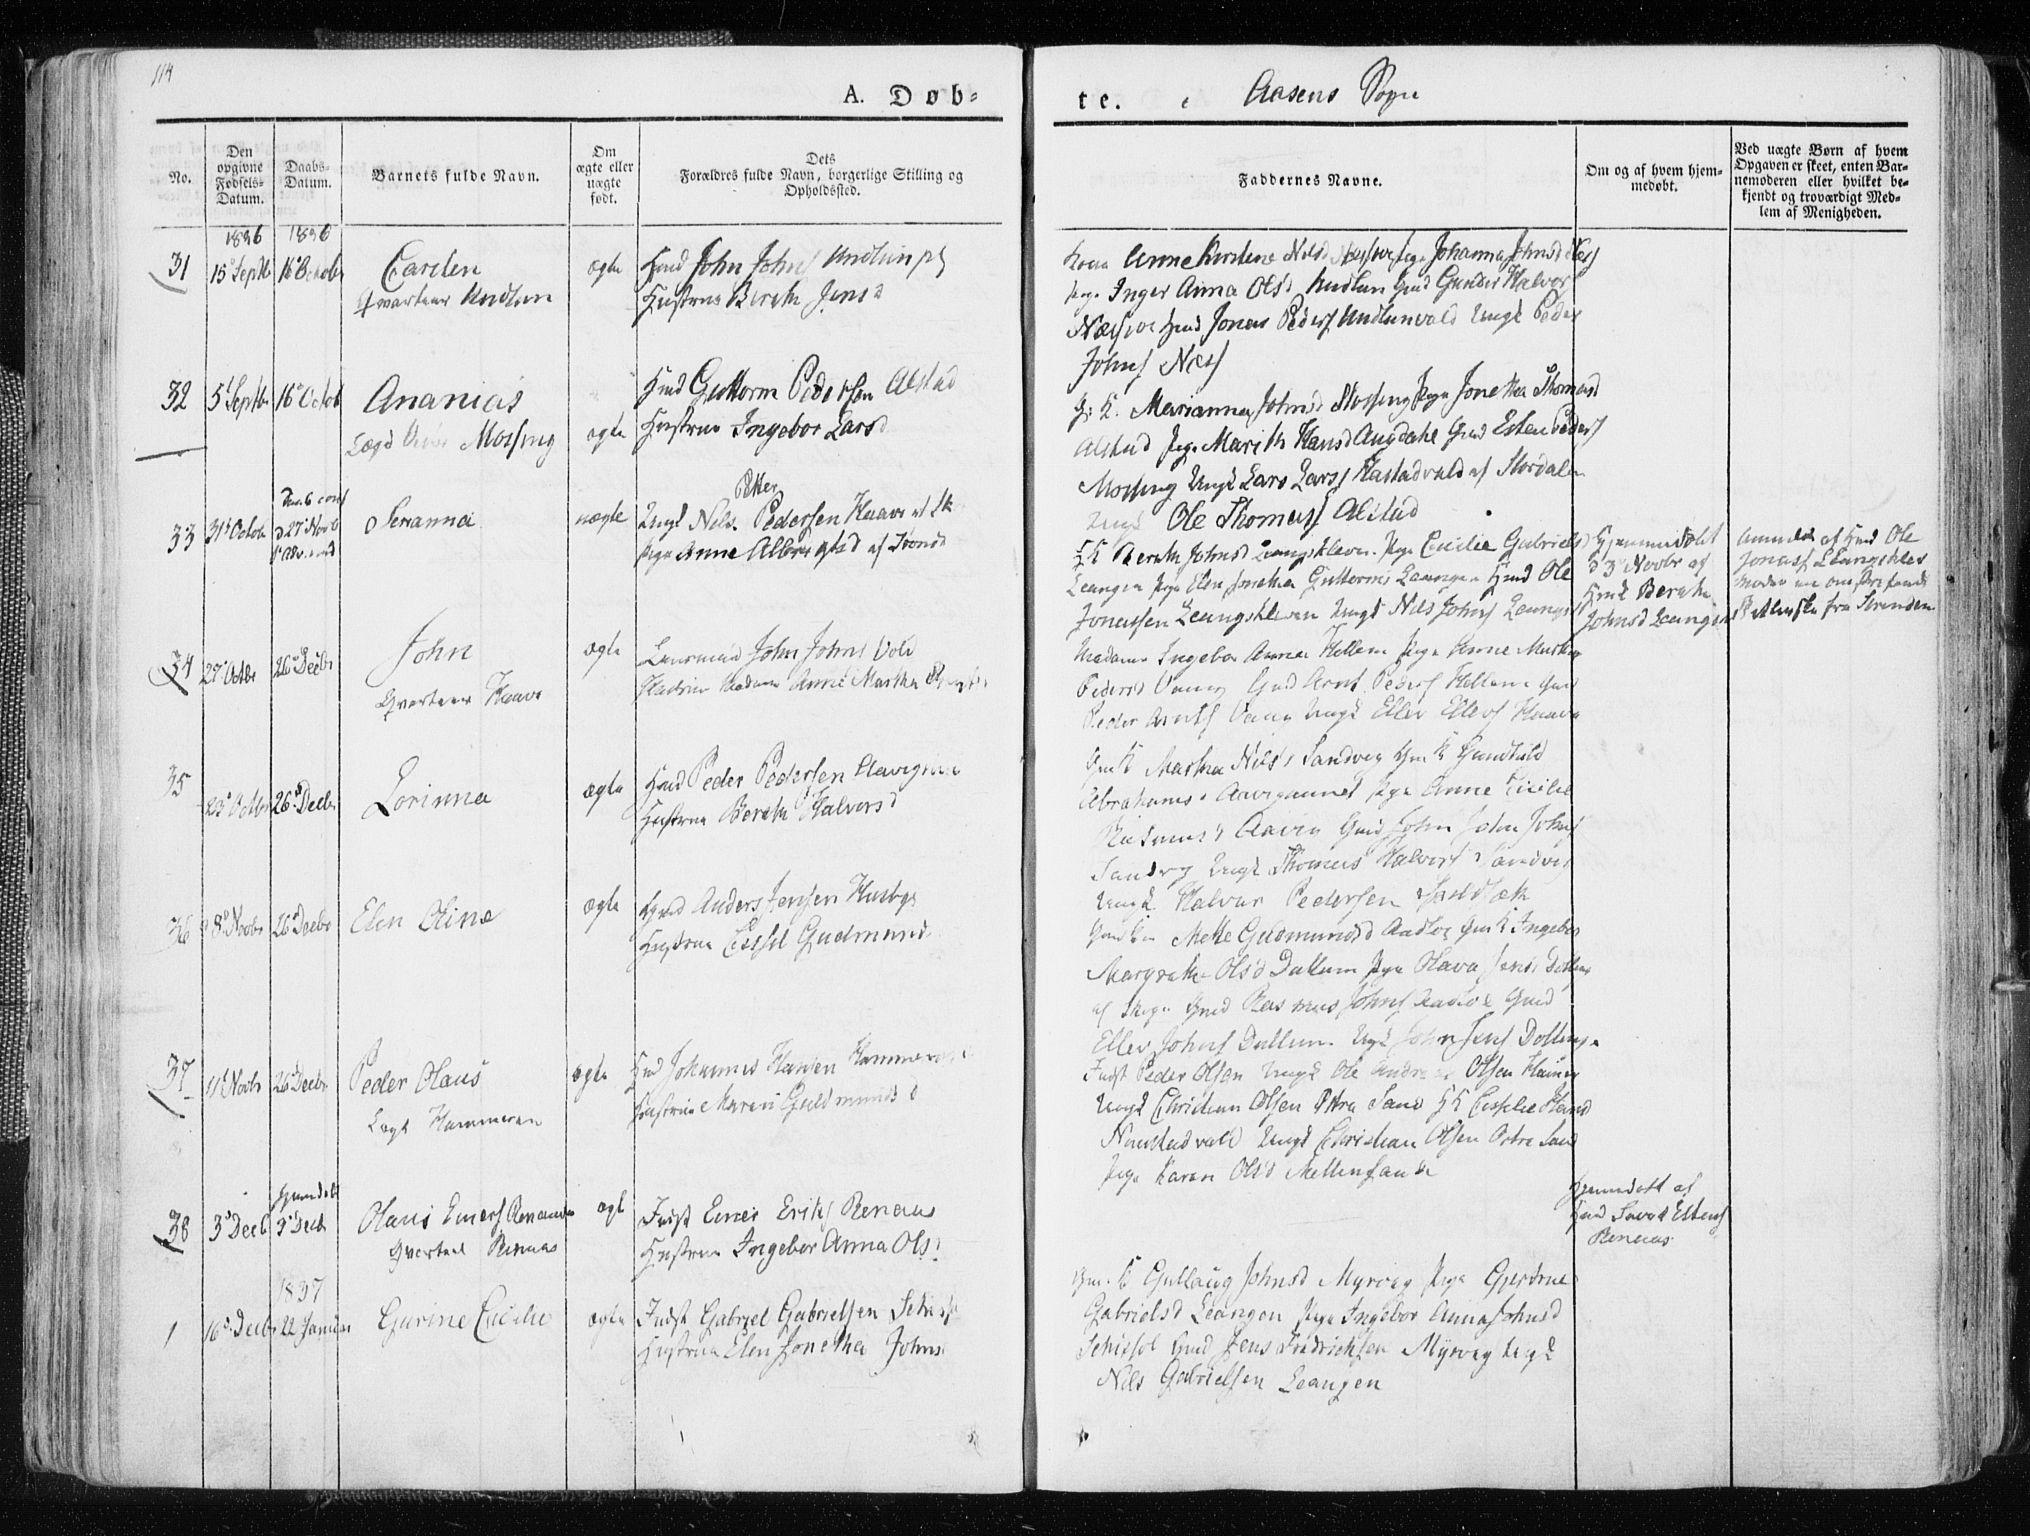 SAT, Ministerialprotokoller, klokkerbøker og fødselsregistre - Nord-Trøndelag, 713/L0114: Ministerialbok nr. 713A05, 1827-1839, s. 114